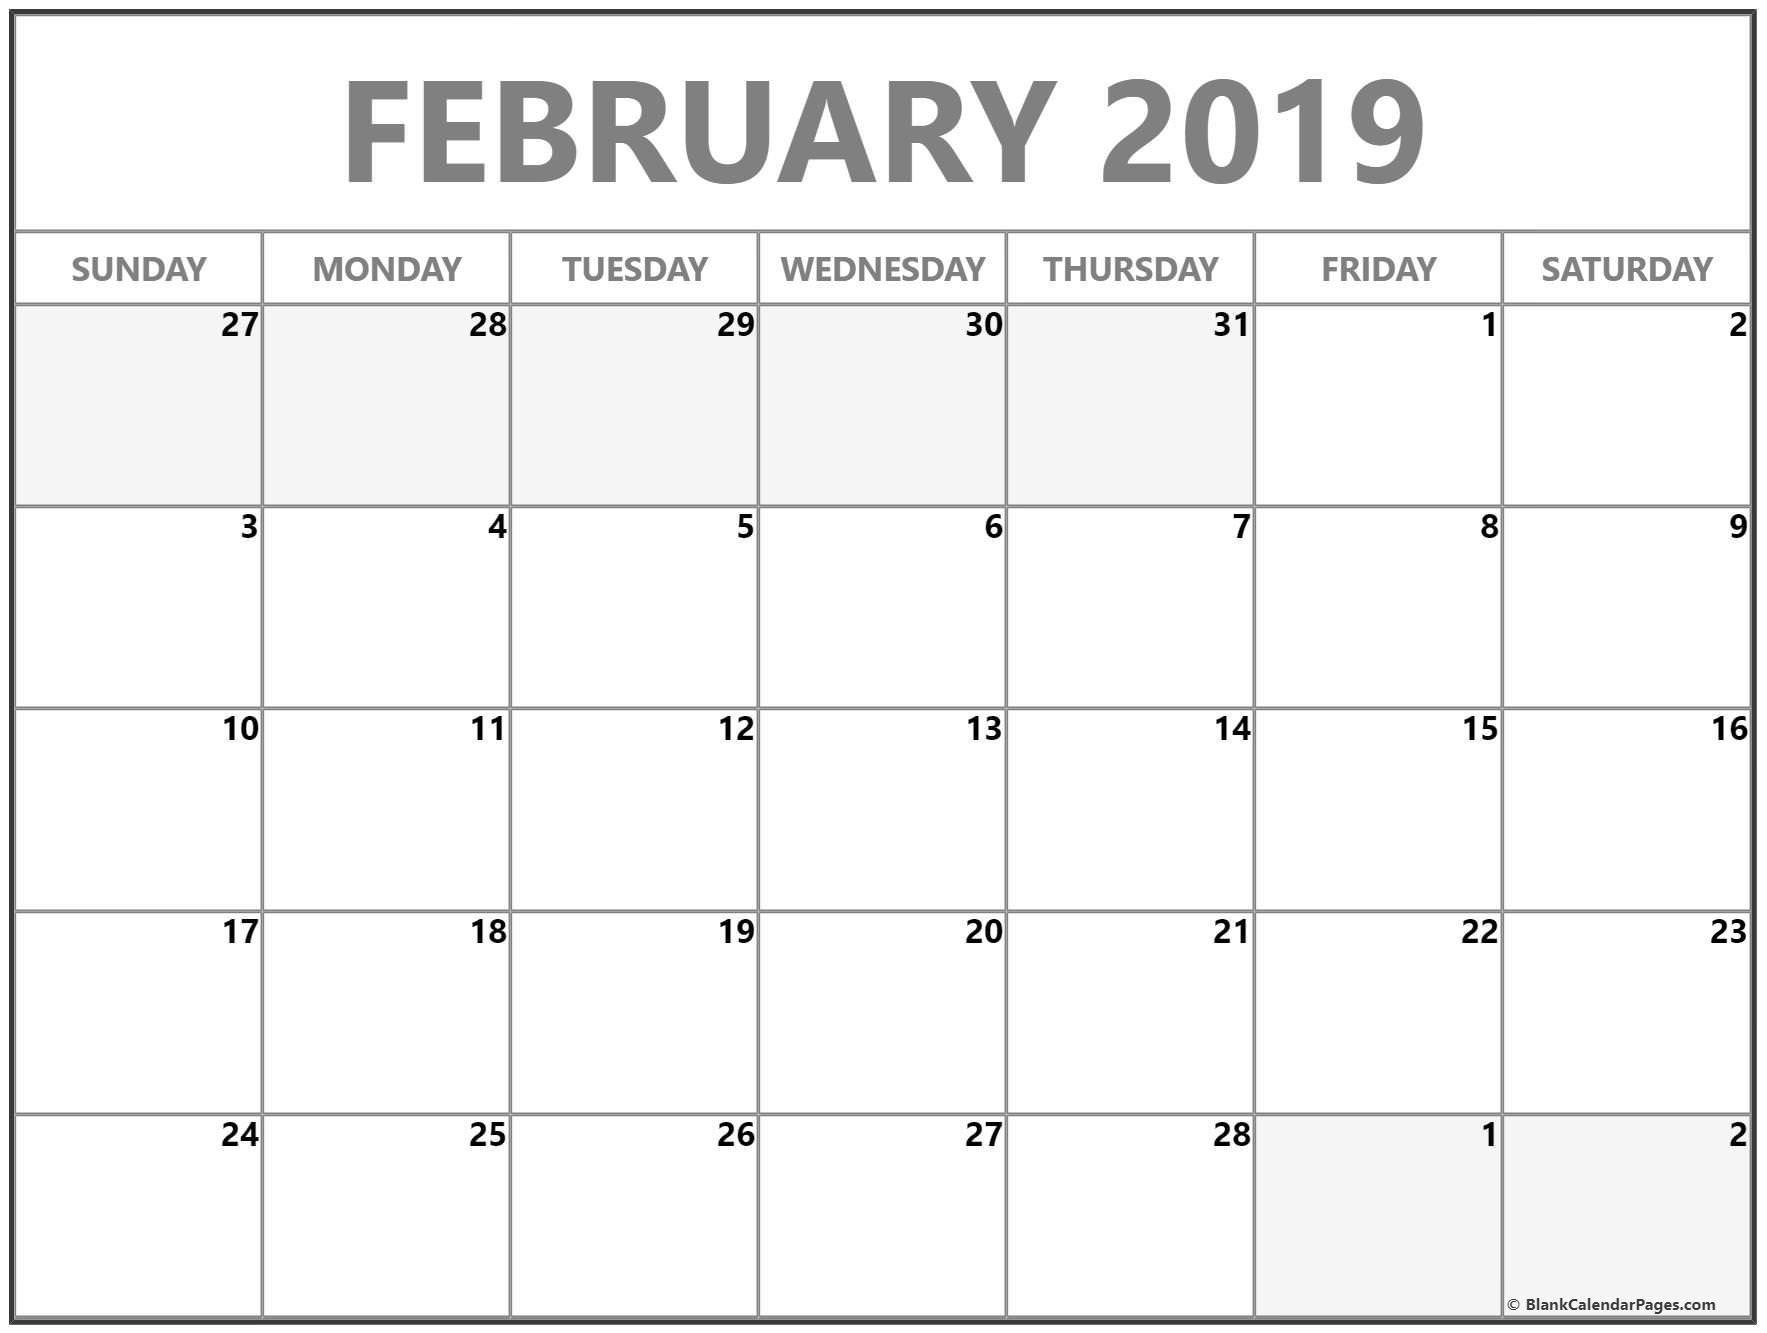 8 Free February 2019 A4 Calendar Download Calendar 2018 Free Calendar Feb 8 2019